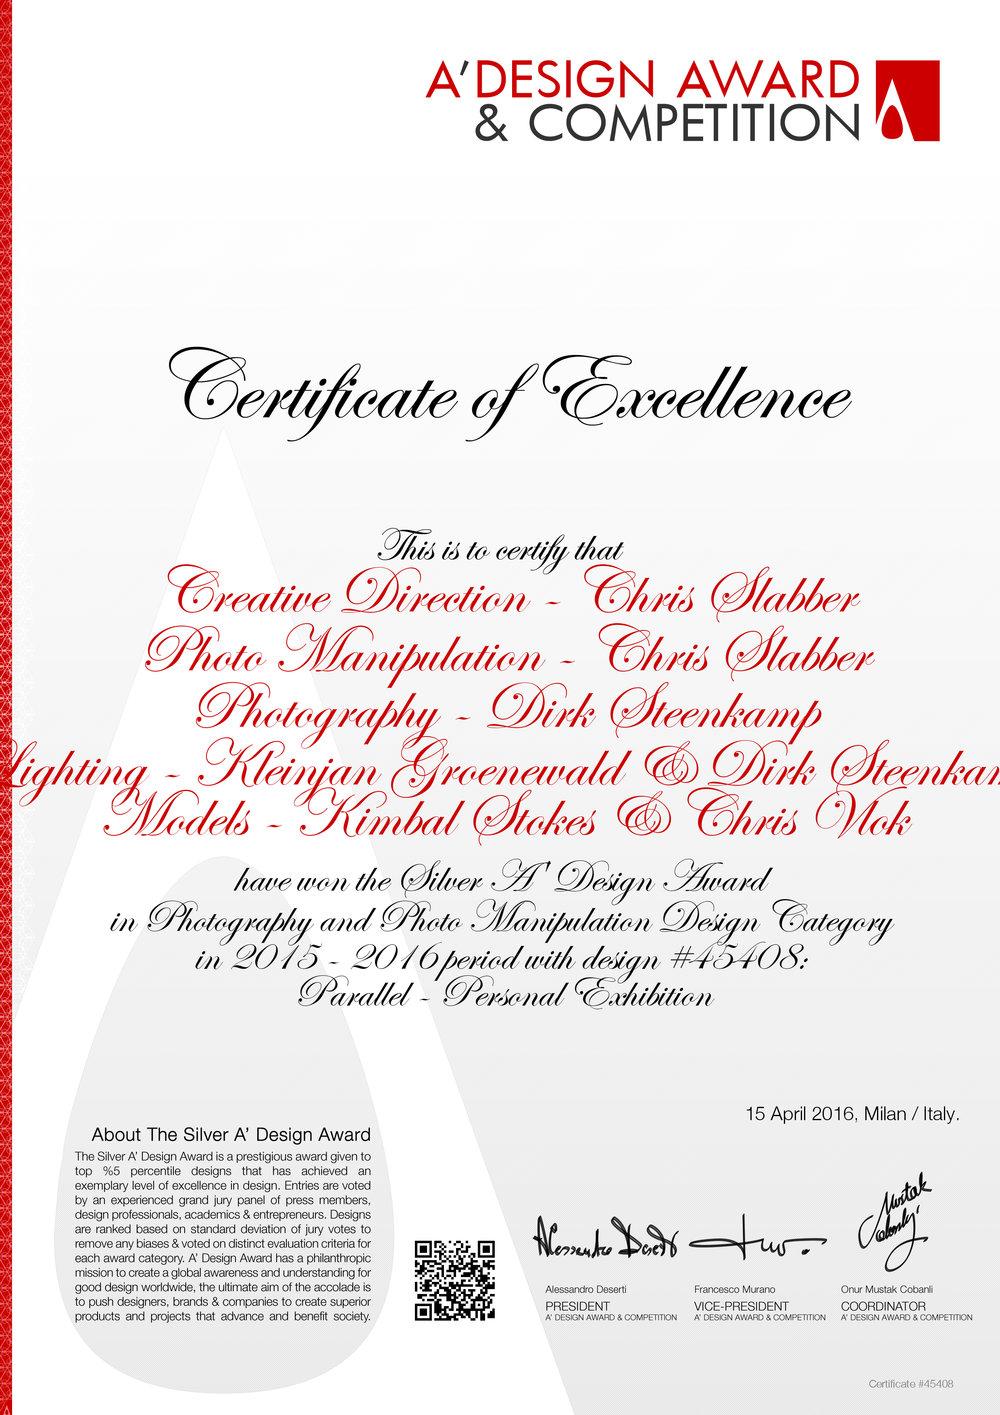 45408-certificate-tm.jpg